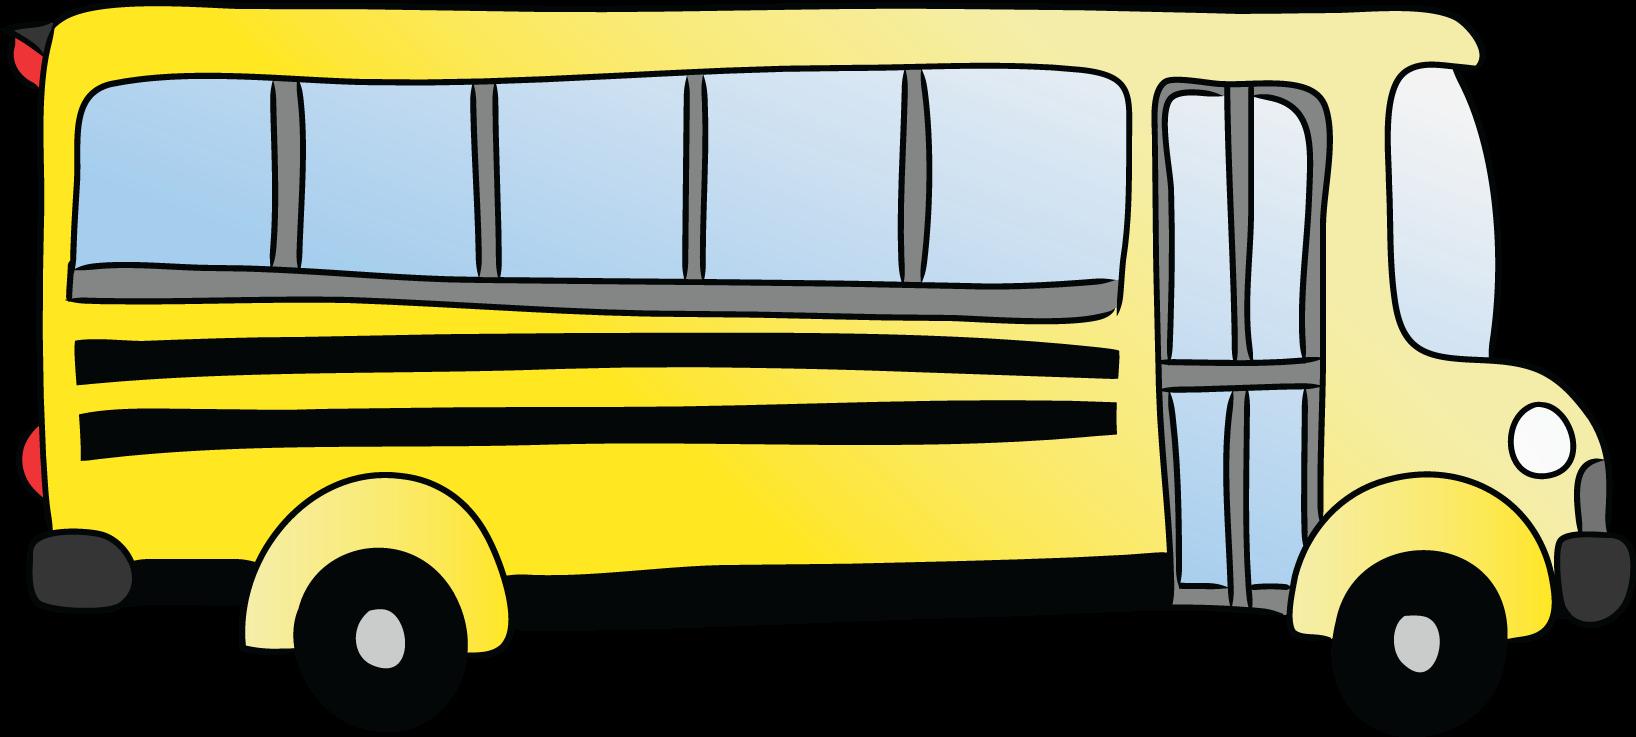 School bus clipart images 3 school bus clip art vector 4 5 2 - City Bus Side View PNG